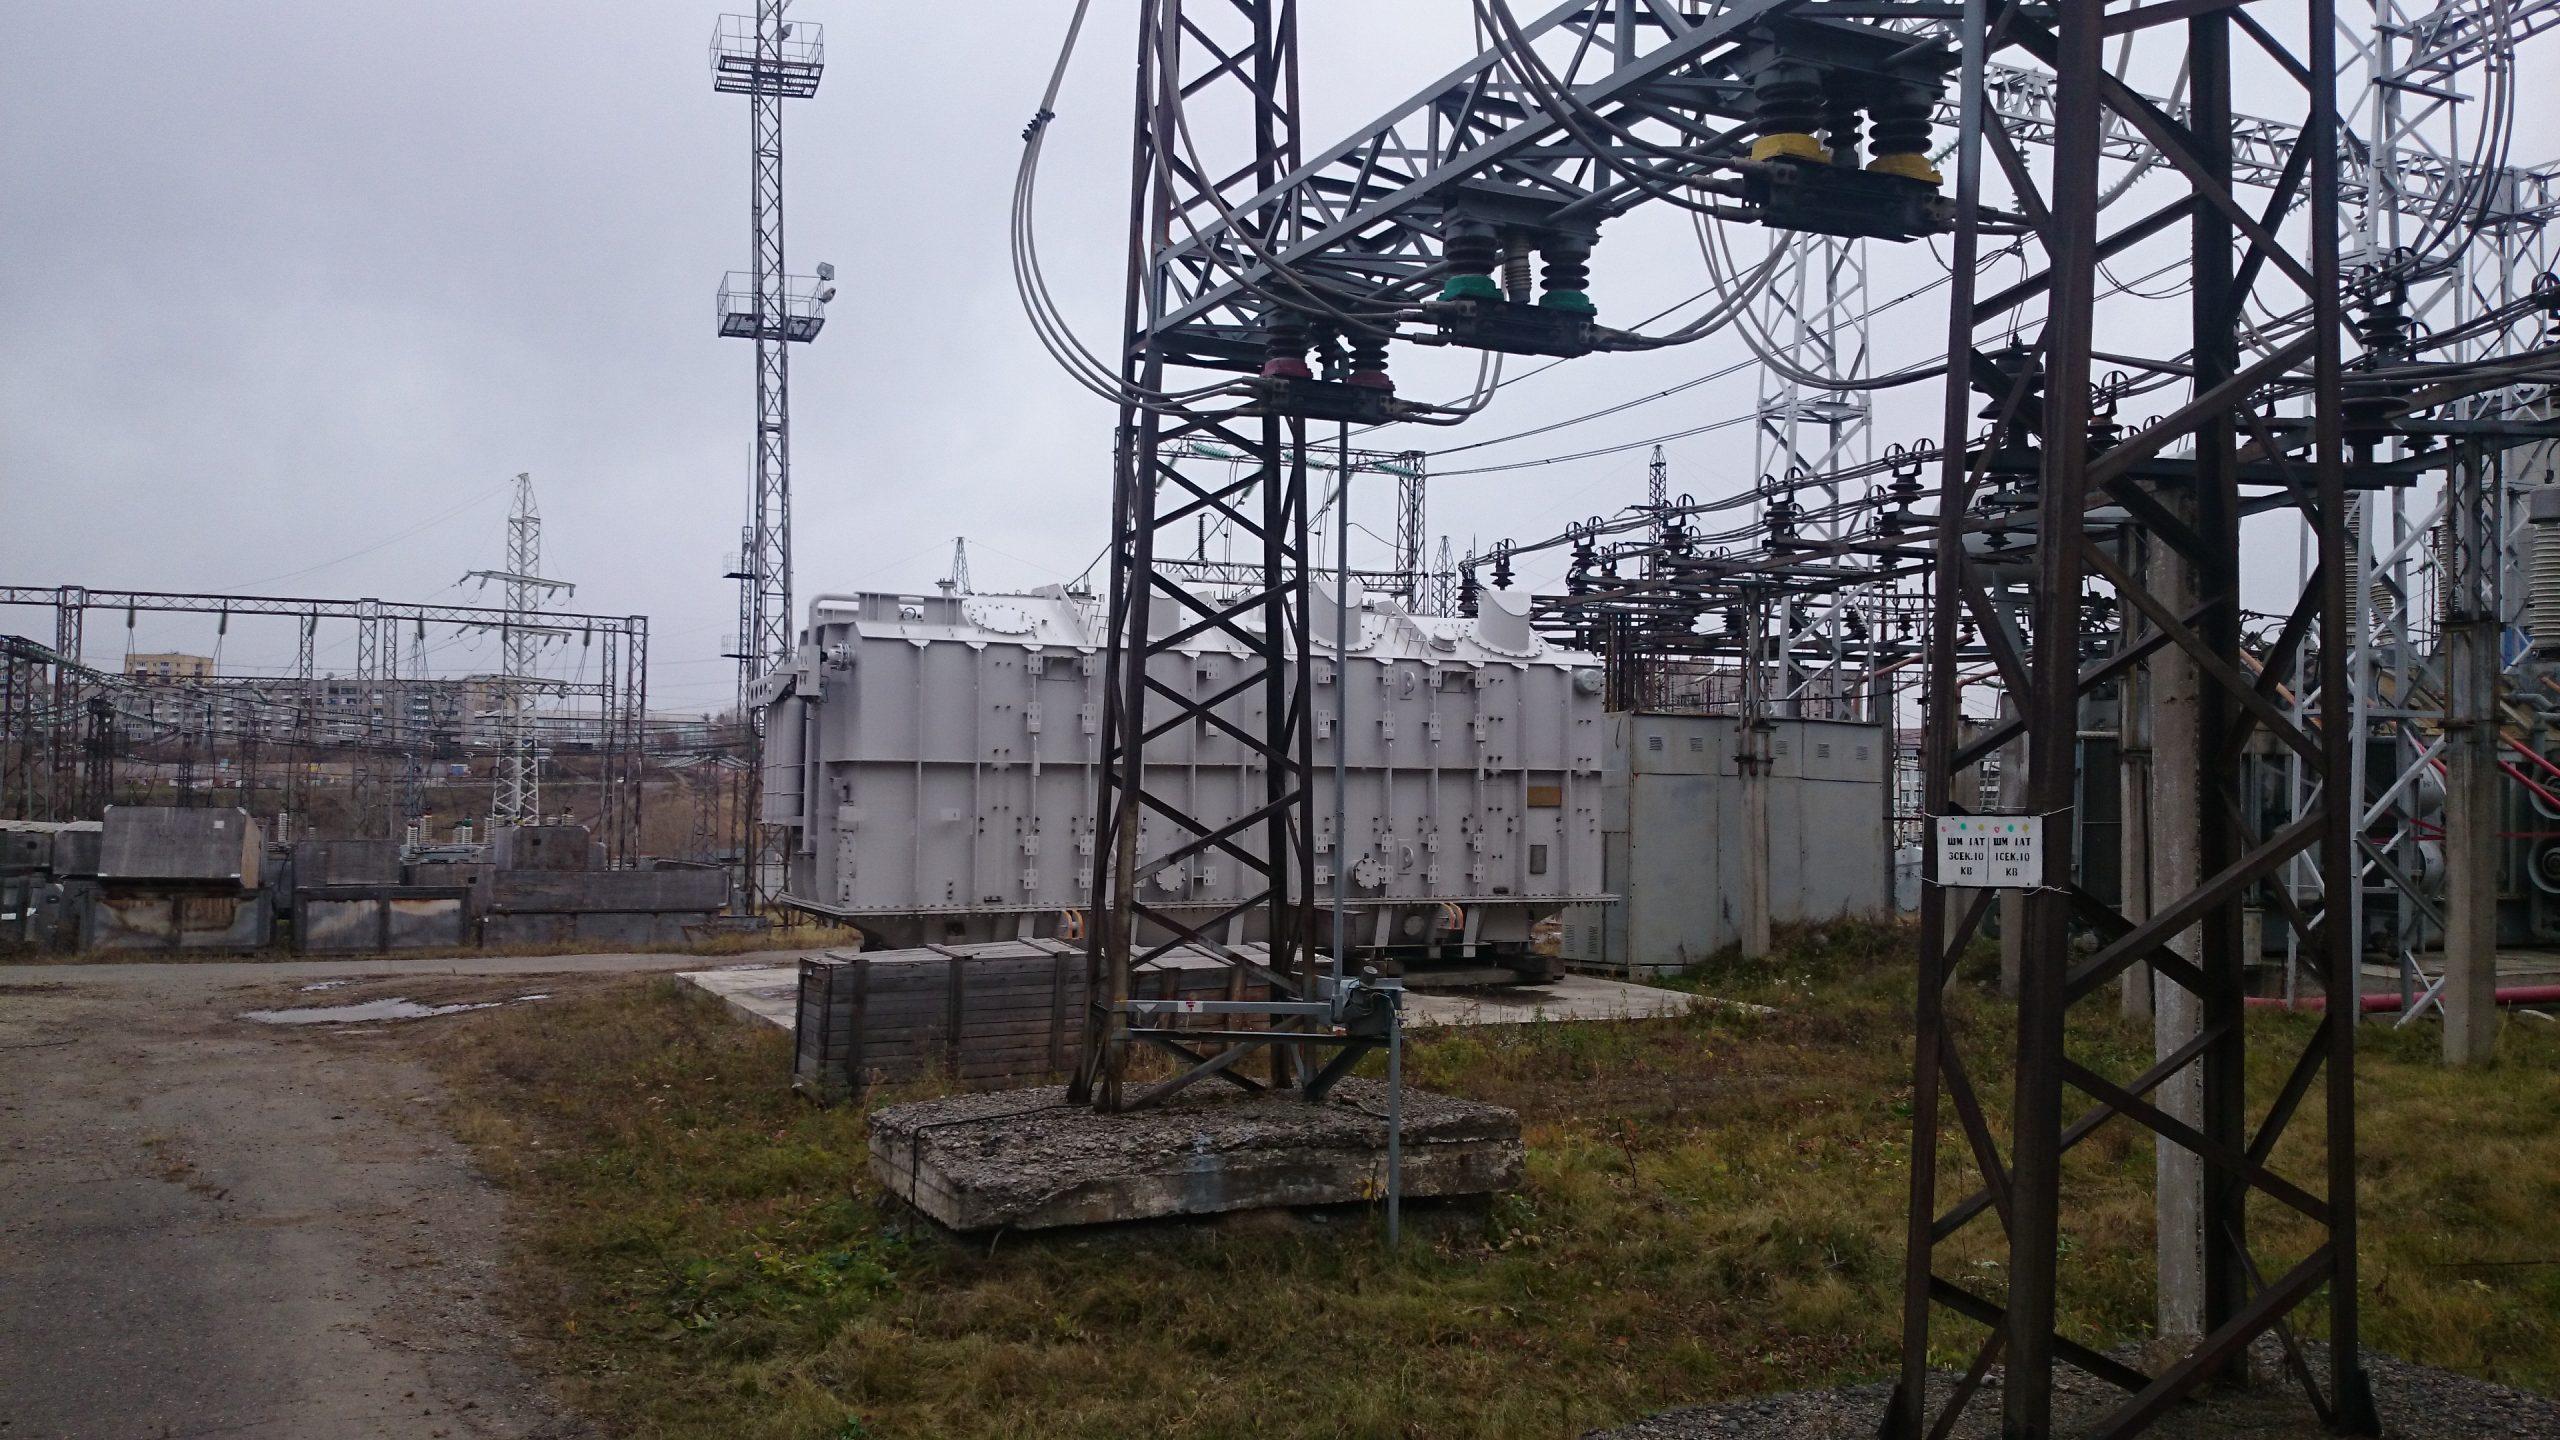 Электрофикация железных дорог Узбекистана: Строительство тяговых подстанций ПС «Разъезд № 4» и ПС 220 кВ «Сардала»